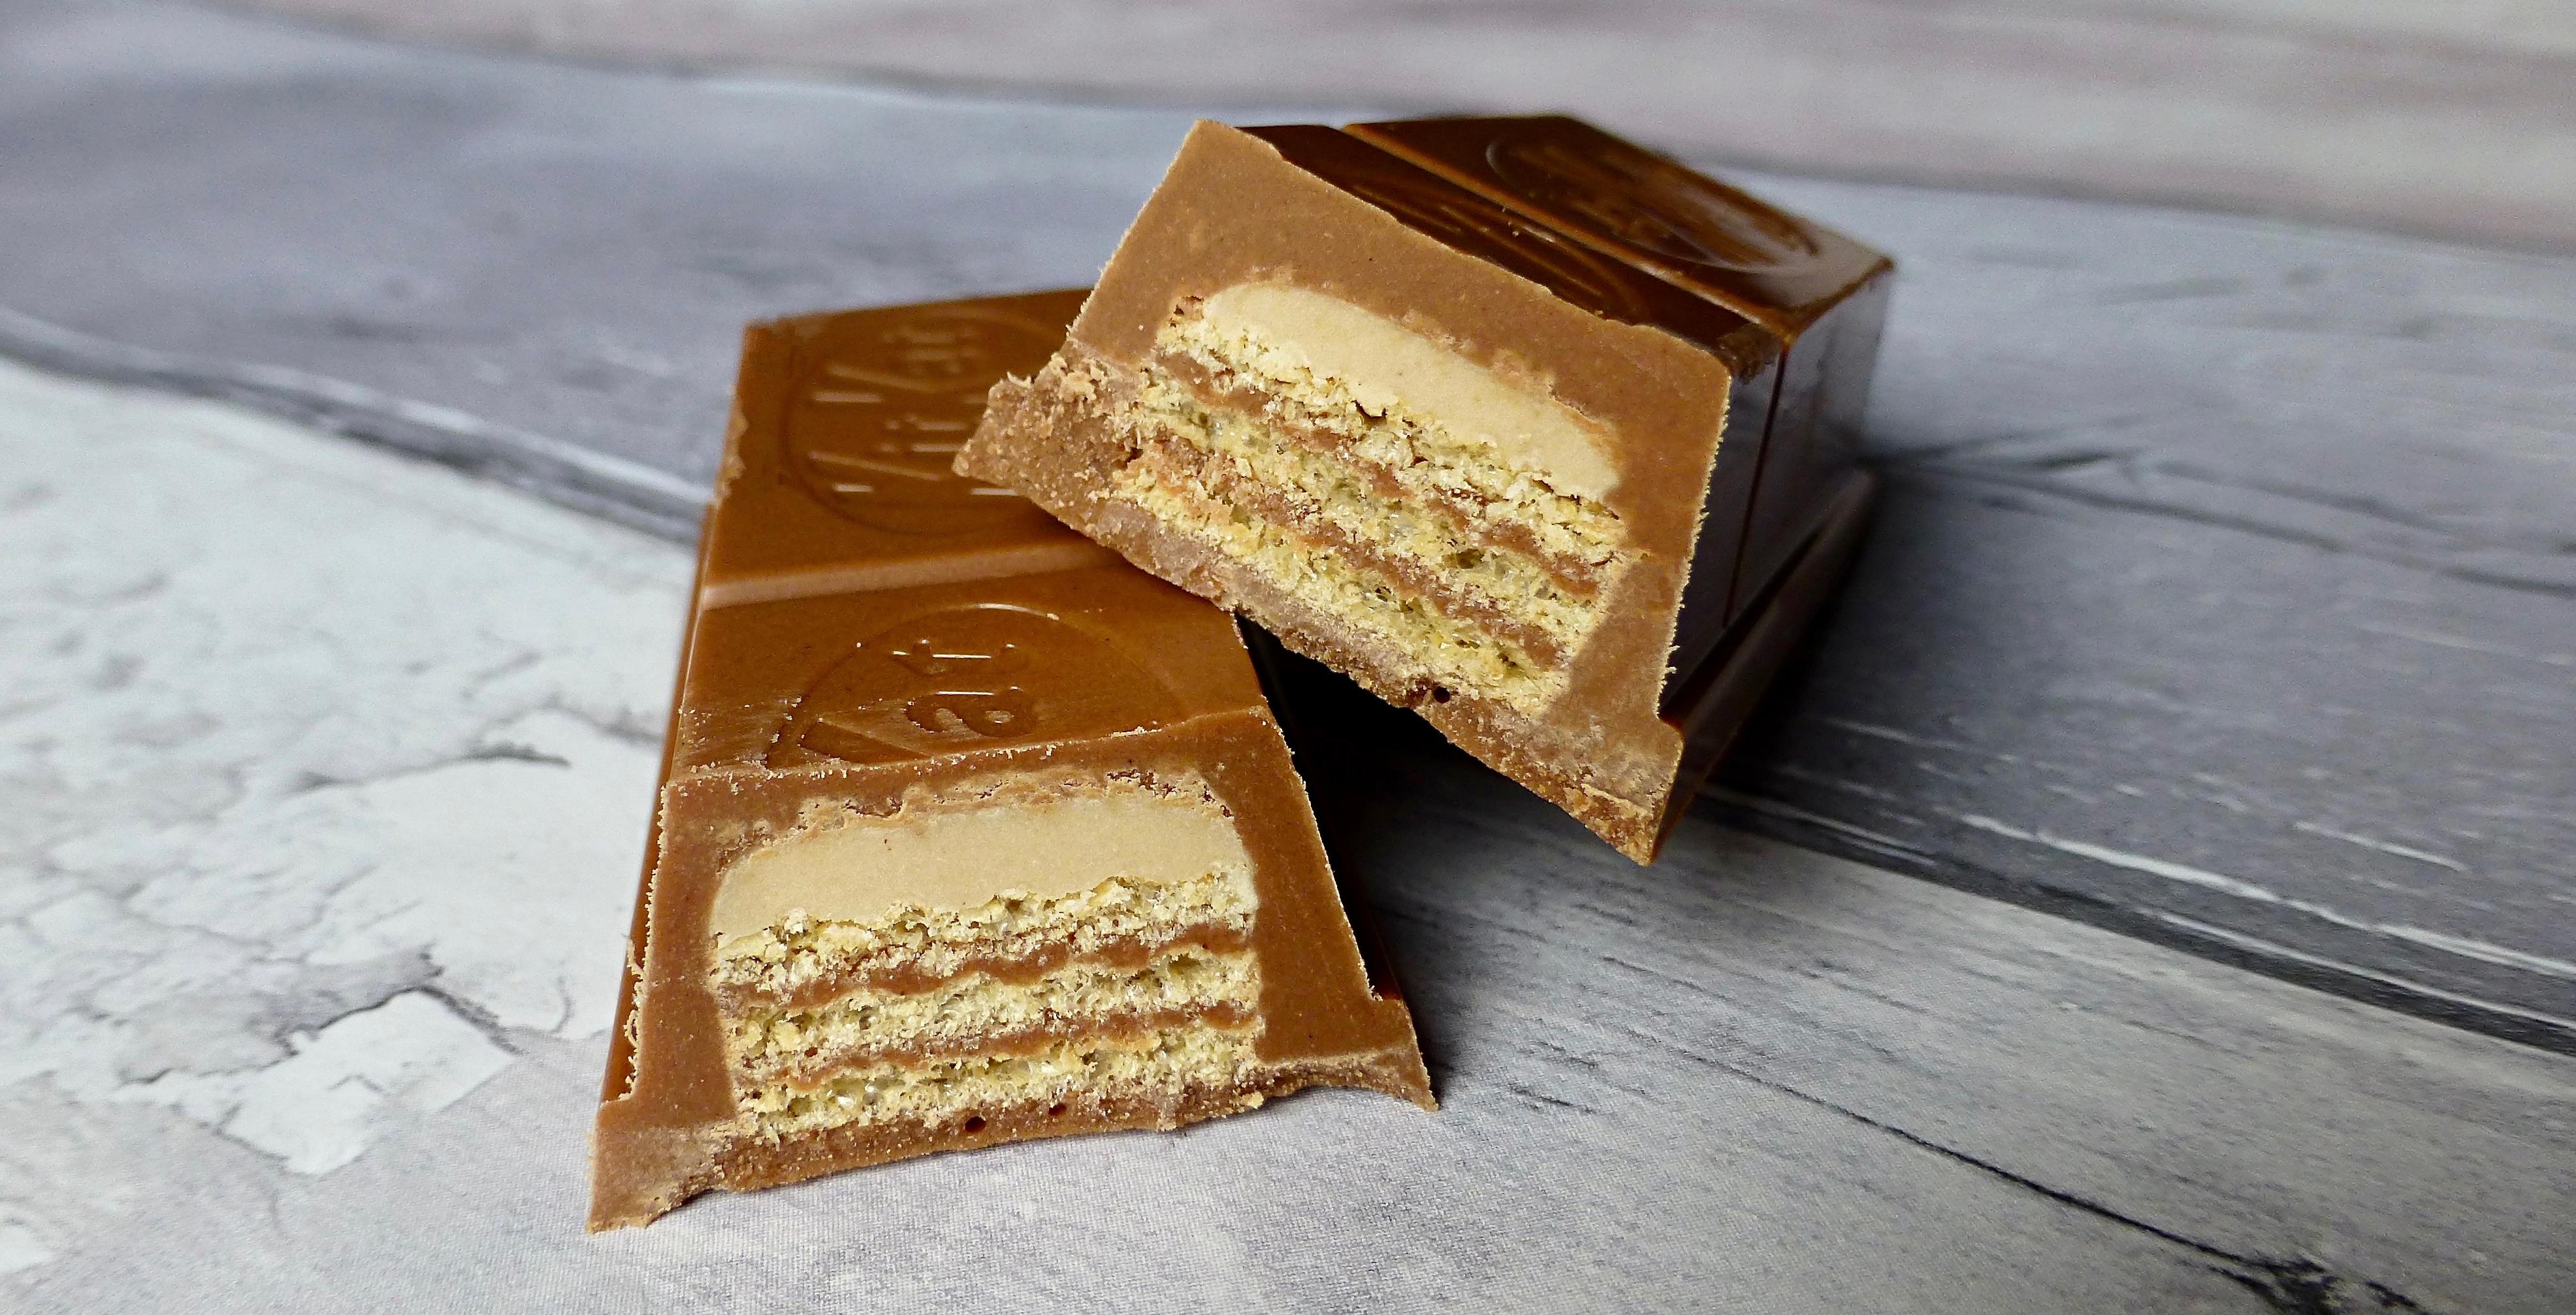 KitKat-New-York-Cheesecake